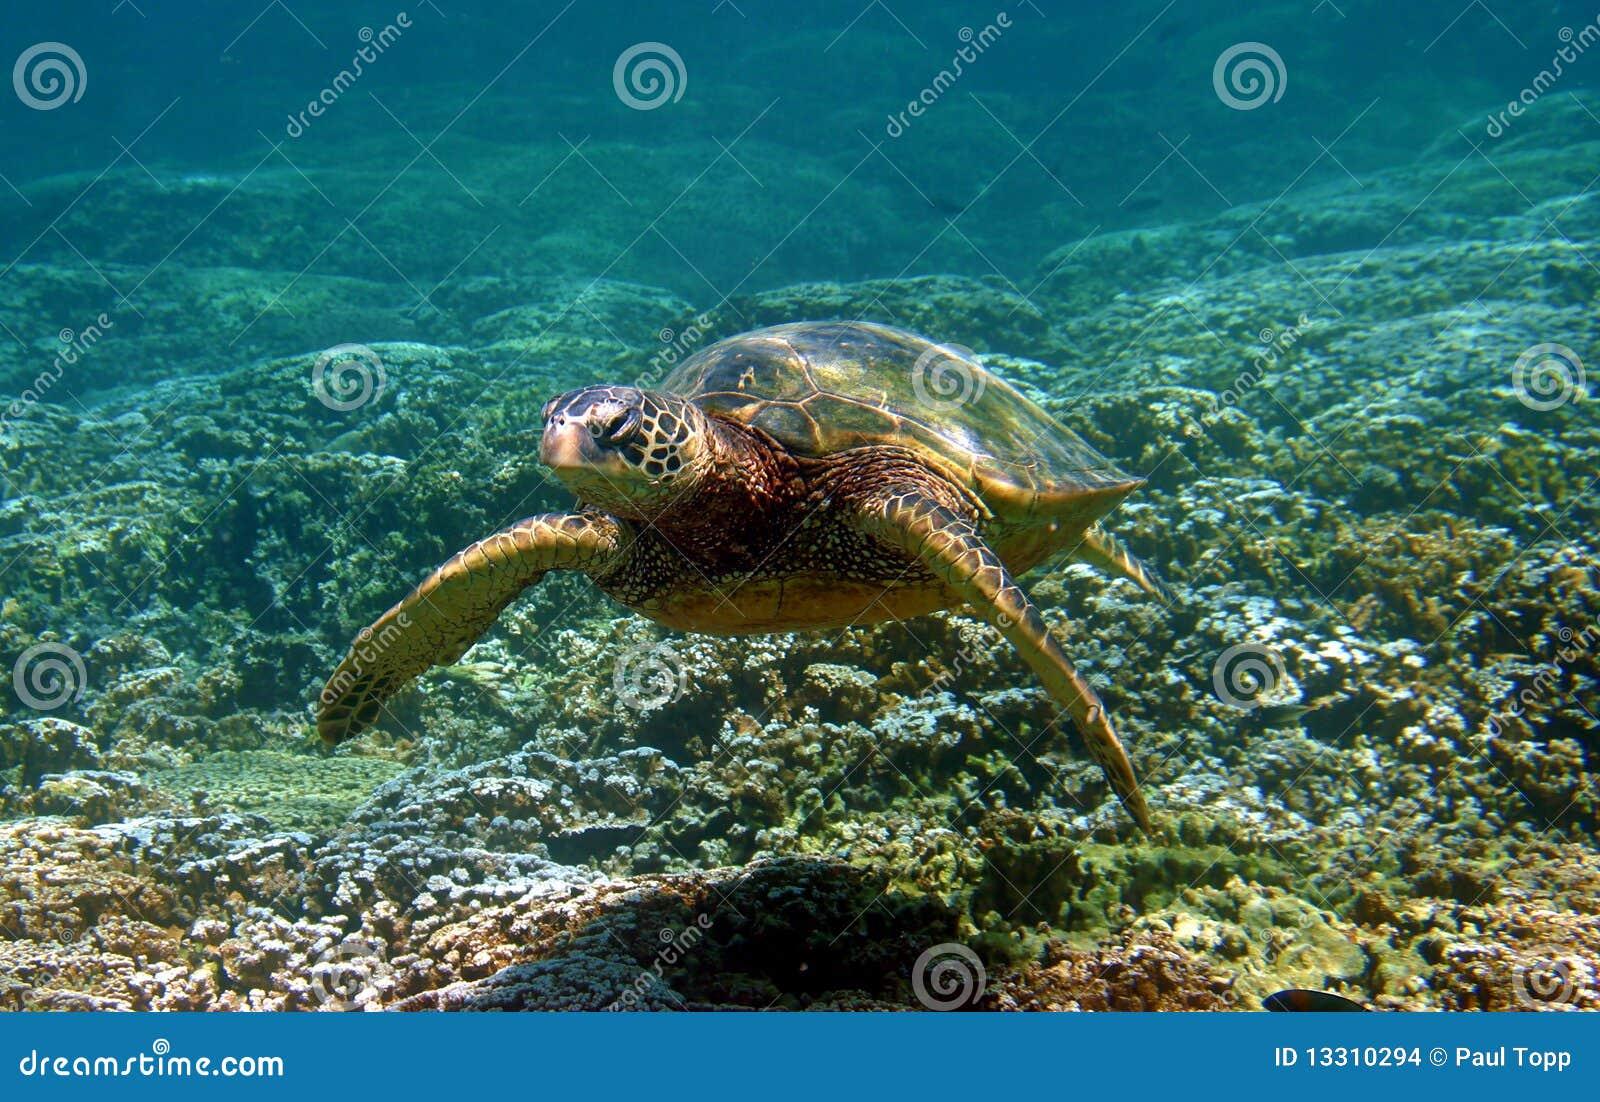 Tartaruga de mar verde Havaí